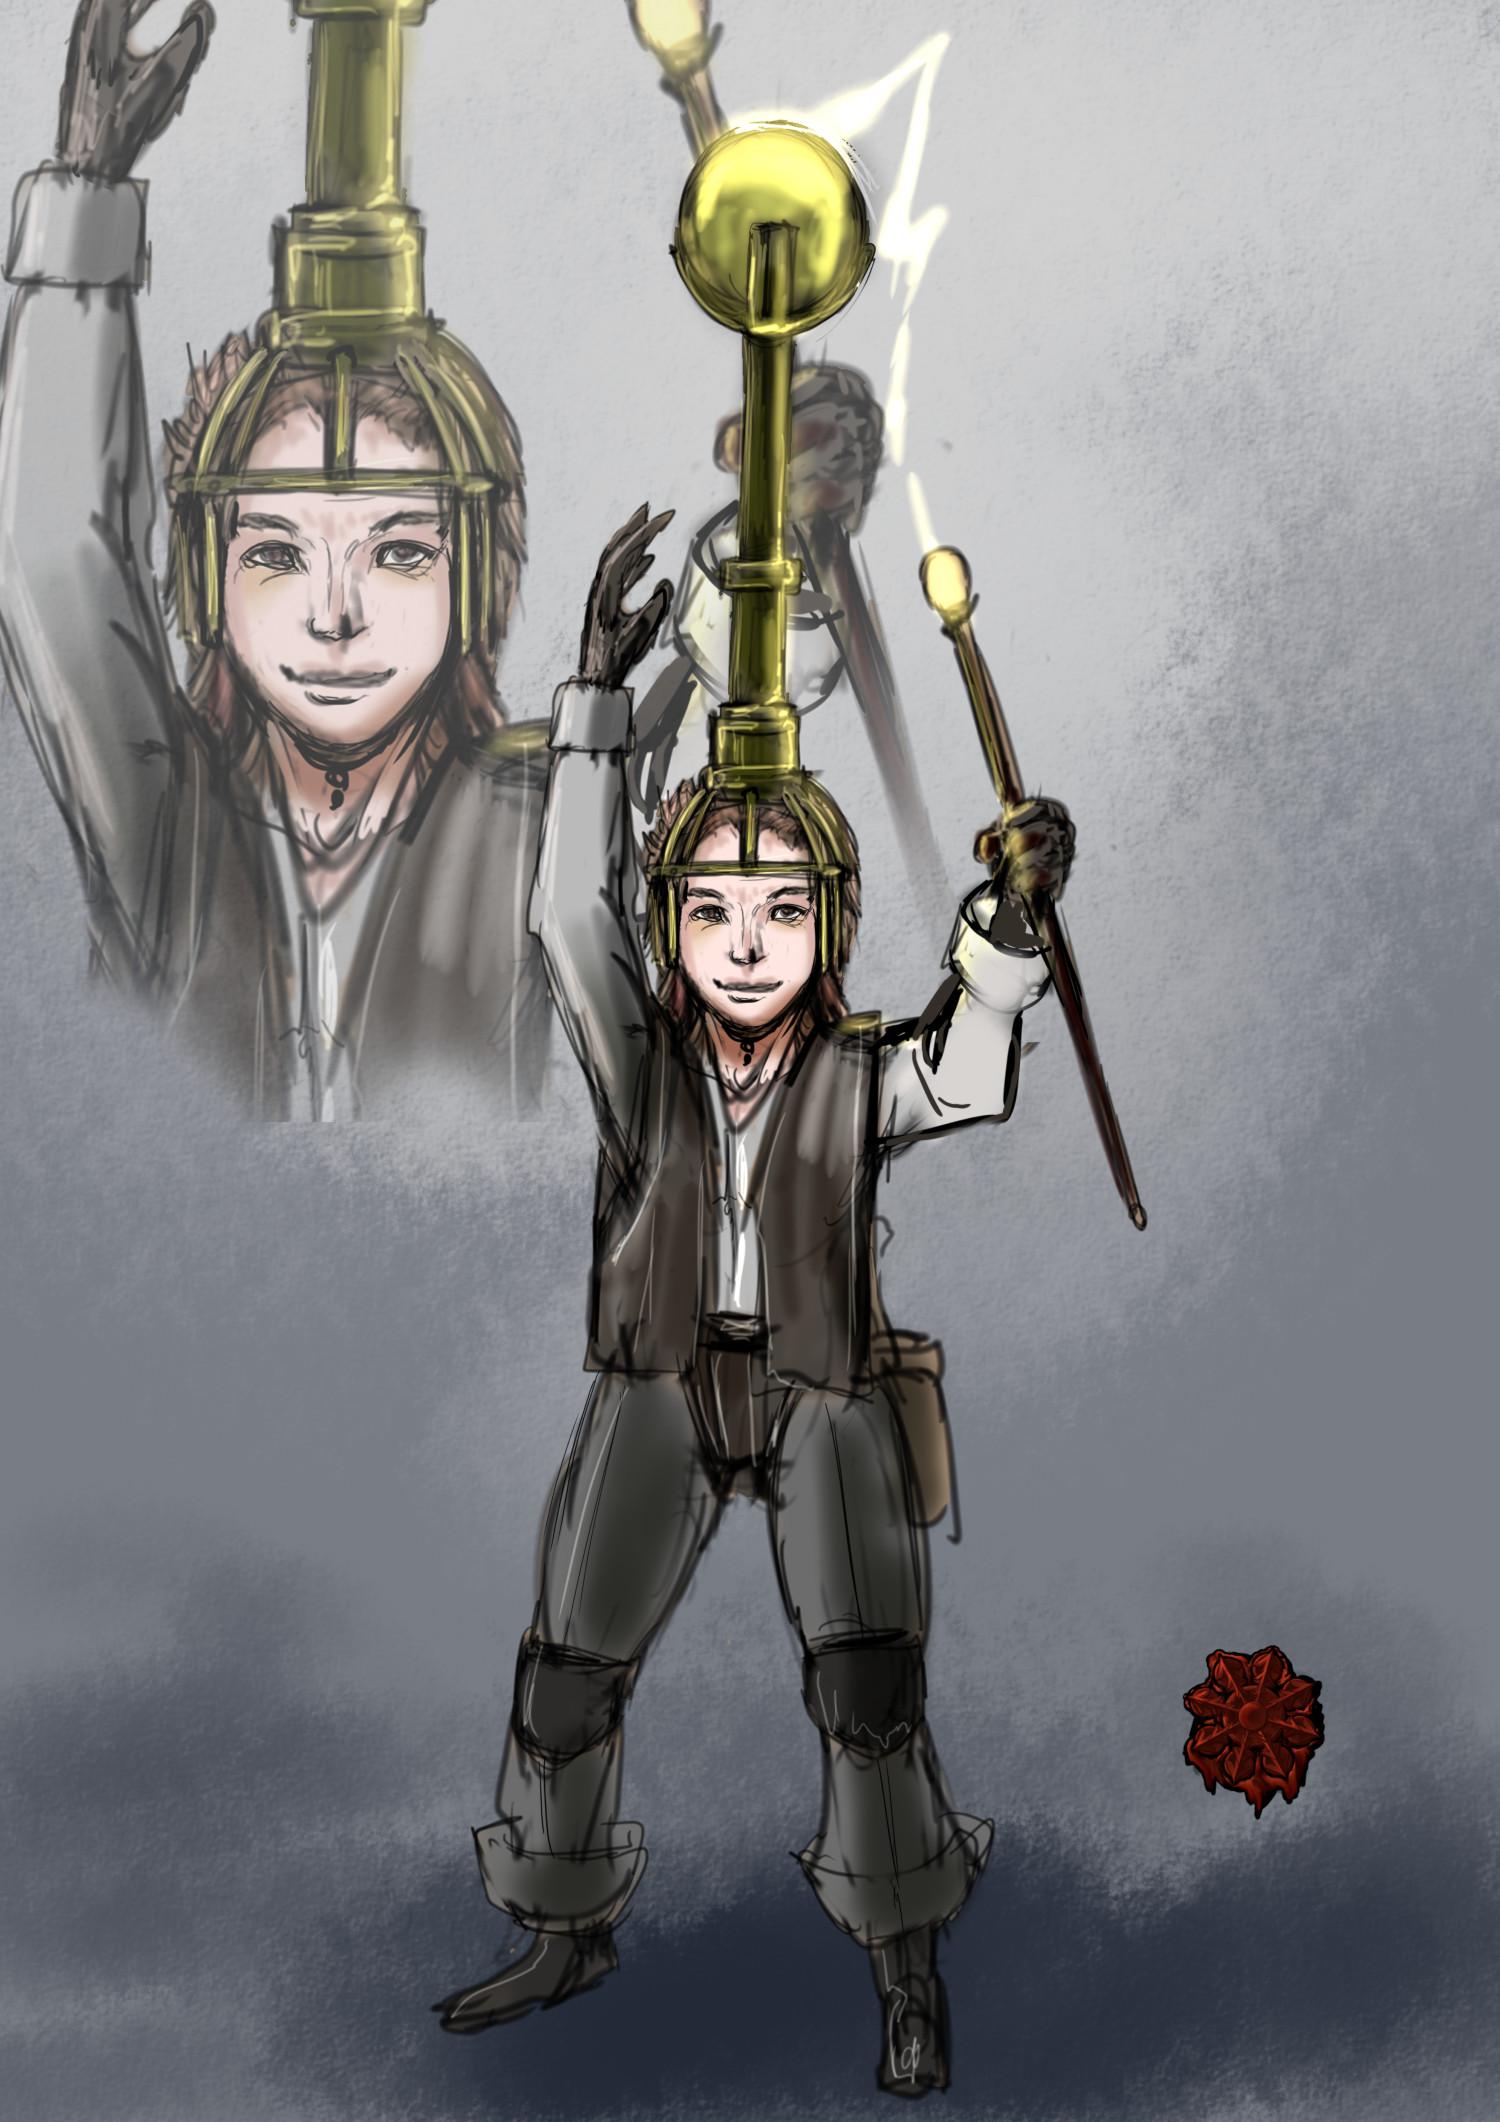 ホビット魔道具術師男